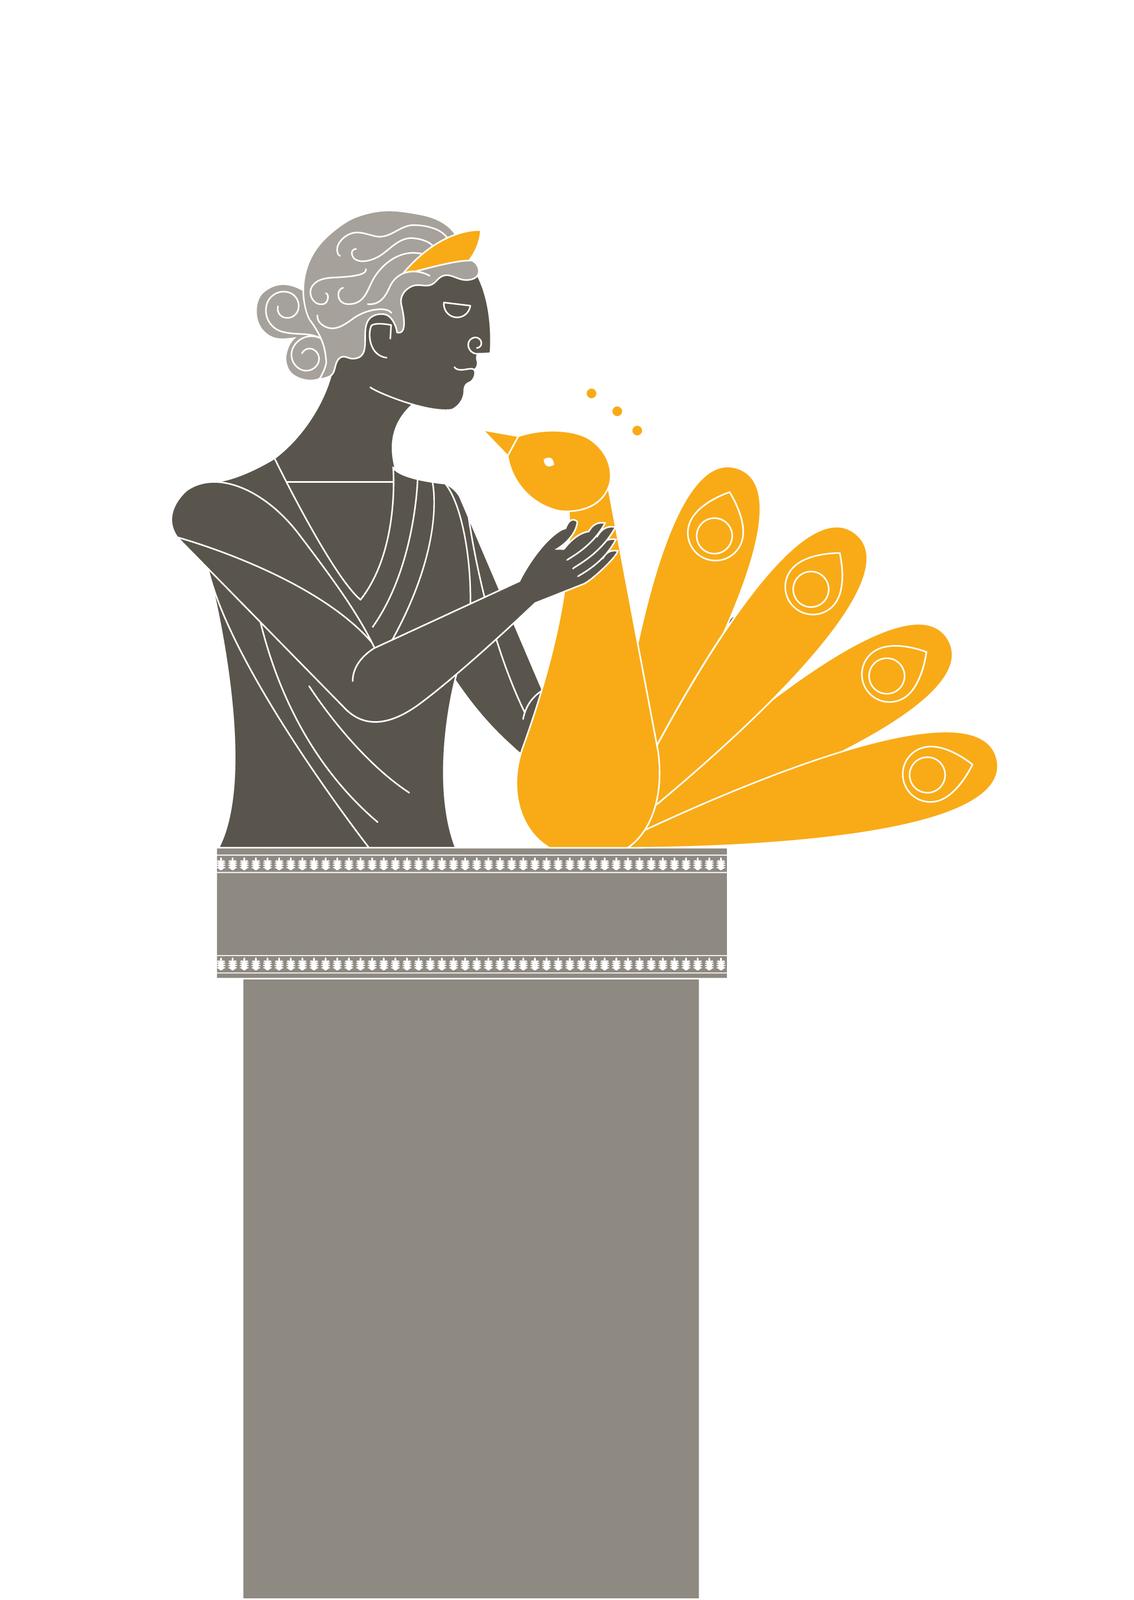 Żona Zeusa, Hera, opiekowała się małżeństwami, rodziną iogniskiem domowym. Jej ulubionym ptakiem był paw Żona Zeusa, Hera, opiekowała się małżeństwami, rodziną iogniskiem domowym. Jej ulubionym ptakiem był paw Źródło: Contentplus.pl sp. zo.o., licencja: CC BY 3.0.